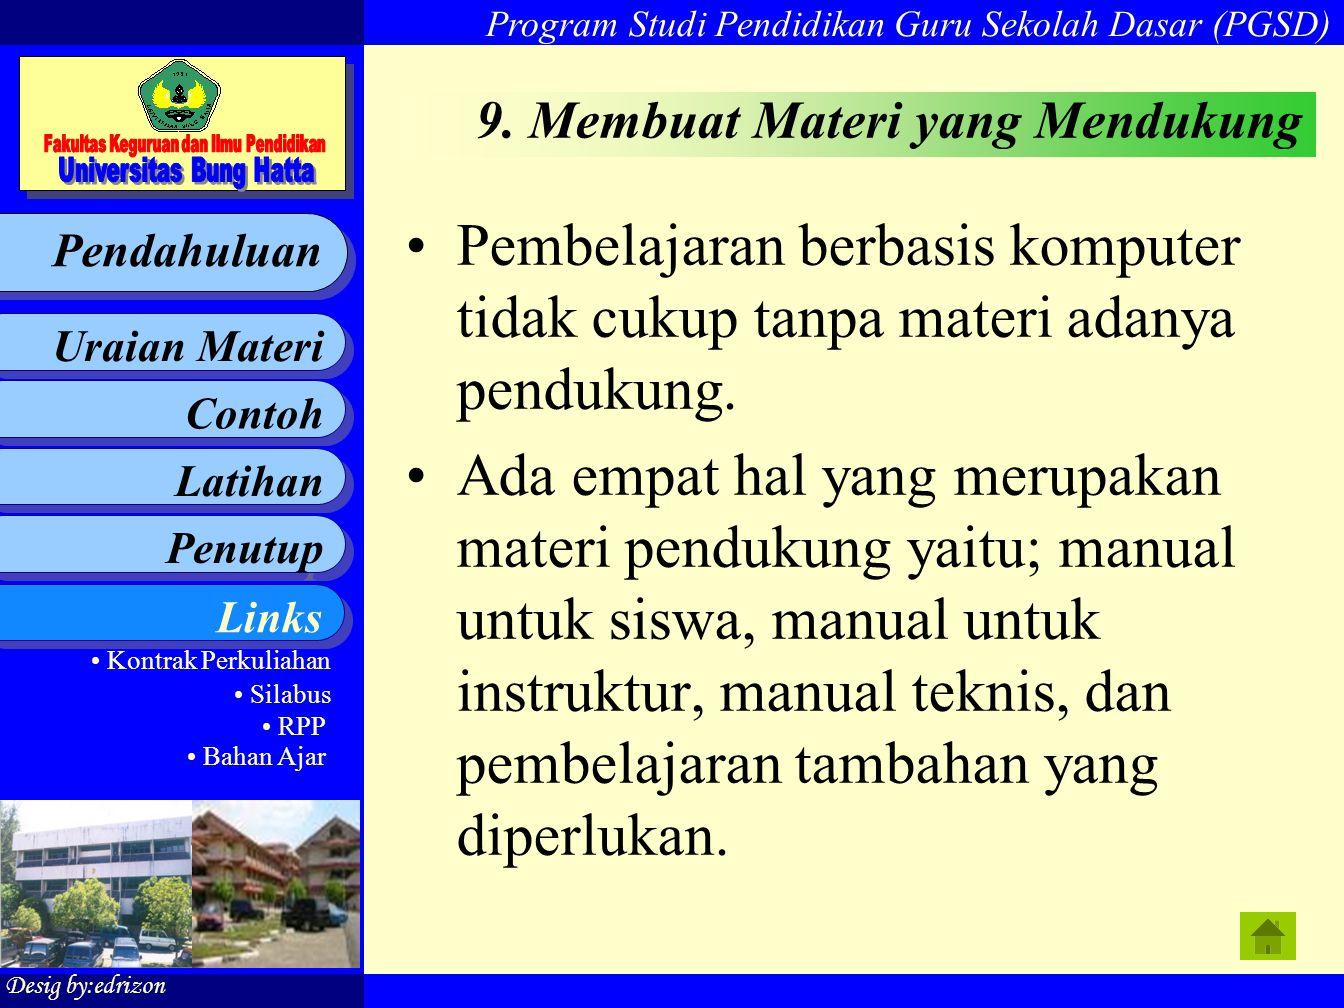 9. Membuat Materi yang Mendukung